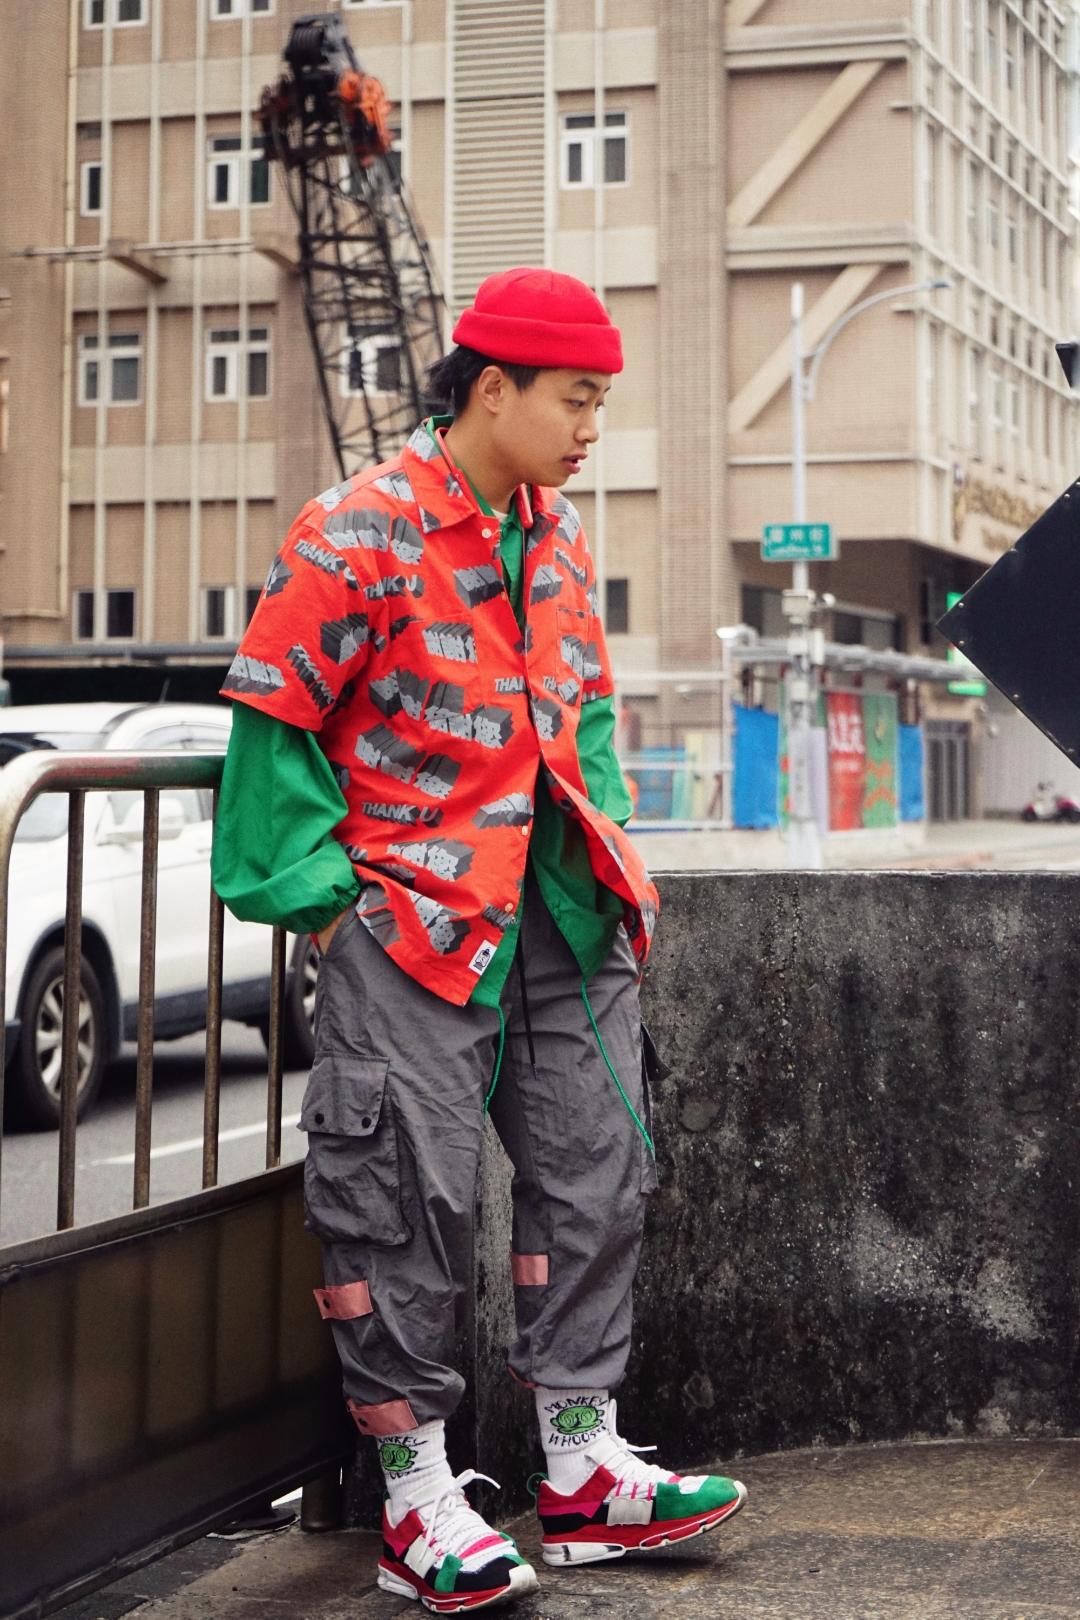 帽子:S-SEDUCE食钓 衬衫:S-SEDUCE食钓 教练夹克:Smoka Vintage 裤子:FYP 袜子:WHOOSIS x MONKEY 鞋:Adidas Originals  今天这套尝试了一下猴赛雷的红配撞色,只要控制好颜色的比例,大概7:3这样,其实穿出来也还是不错。 冷帽的话其实折两圈这样戴会更加有街头感,长一点的头发可以全部理到后面,这样更有型。 衬衫的话,大家可以多尝试内长外短的穿法,里面长袖夹克、卫衣、t恤都ok,外面加一个短袖衬衫,整个看上去更加有层次感。 裤子颜色选择了和衬衣印花颜色呼应的灰色,鞋子颜色是和上衣呼应,这样更有整体感。  ☝#WDYWT#